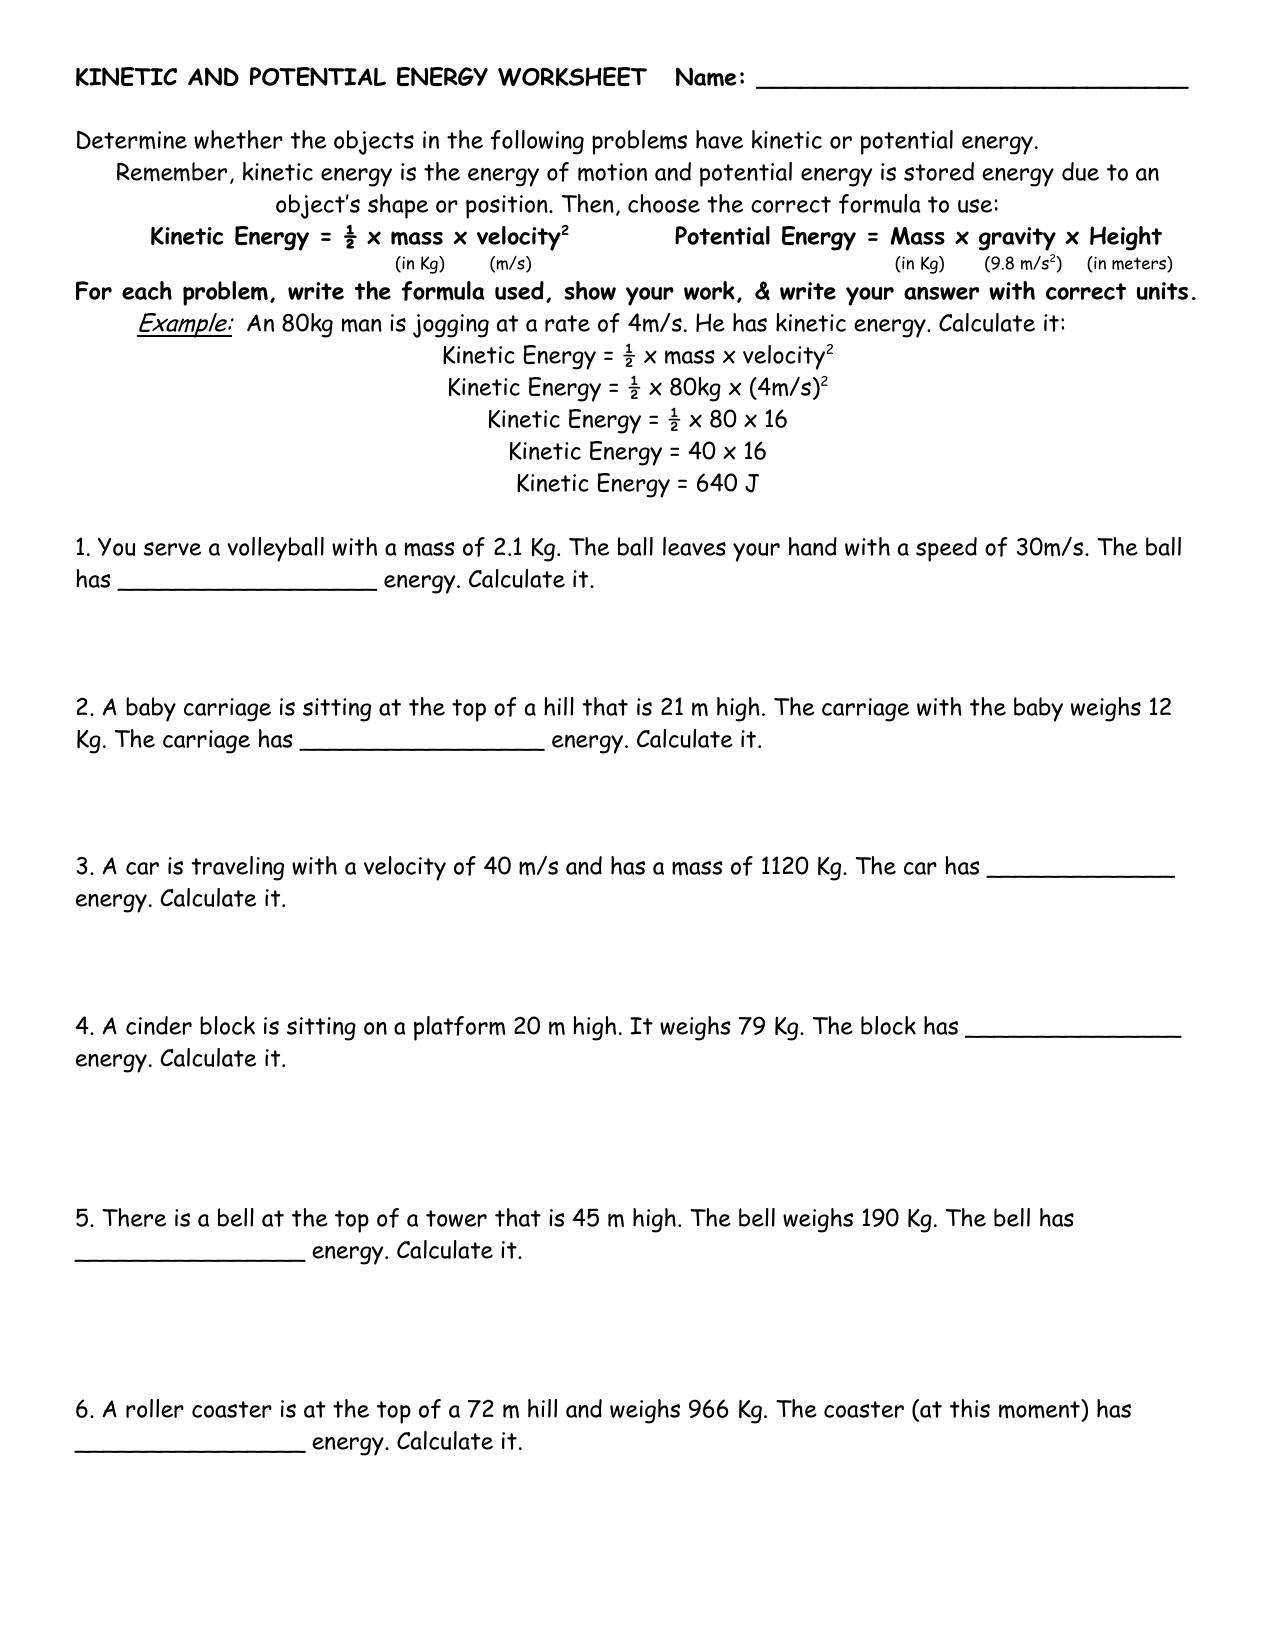 worksheet Kinetic Energy Worksheet potential vs kinetic energy worksheet etfs 5th grade third